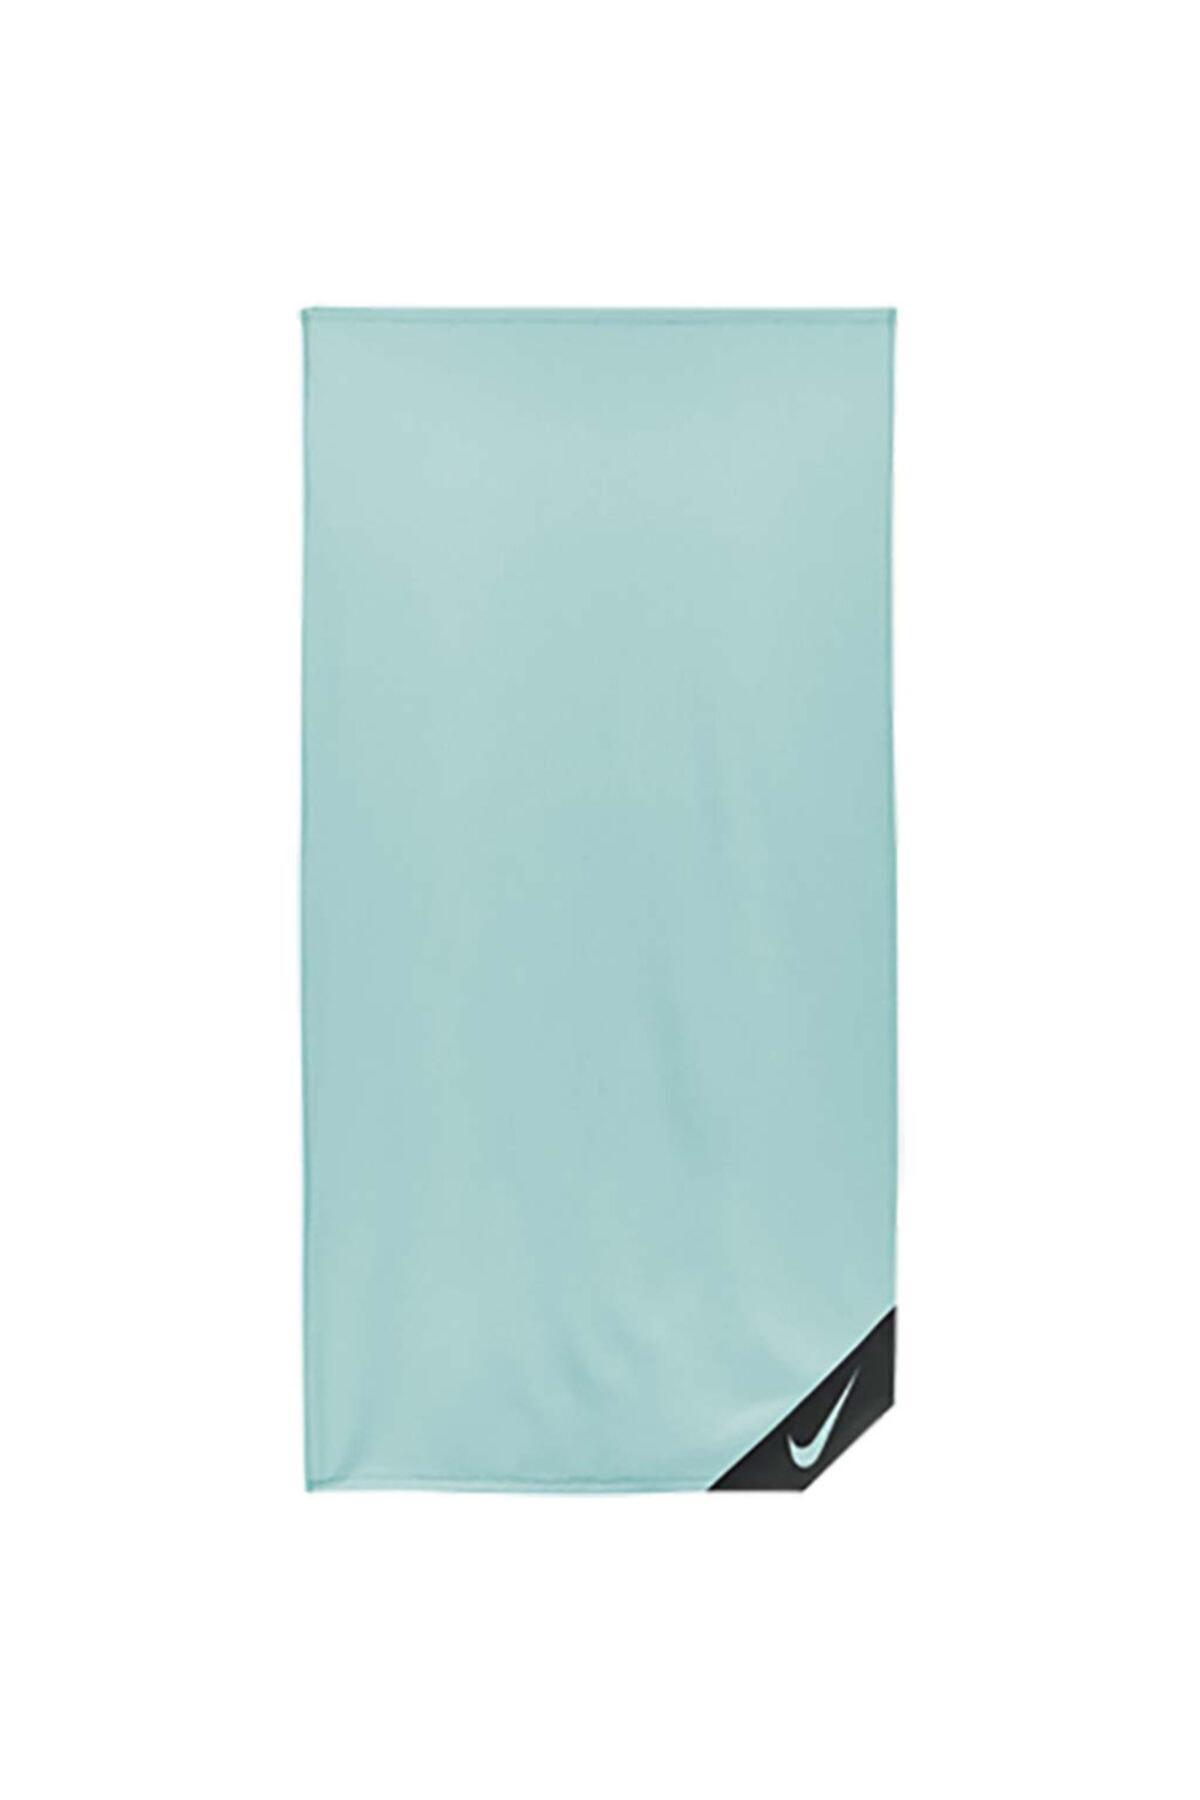 Cooling Towel Small Teal Unisex Mavi Antrenman Havlusu N.000.0005.310.ns